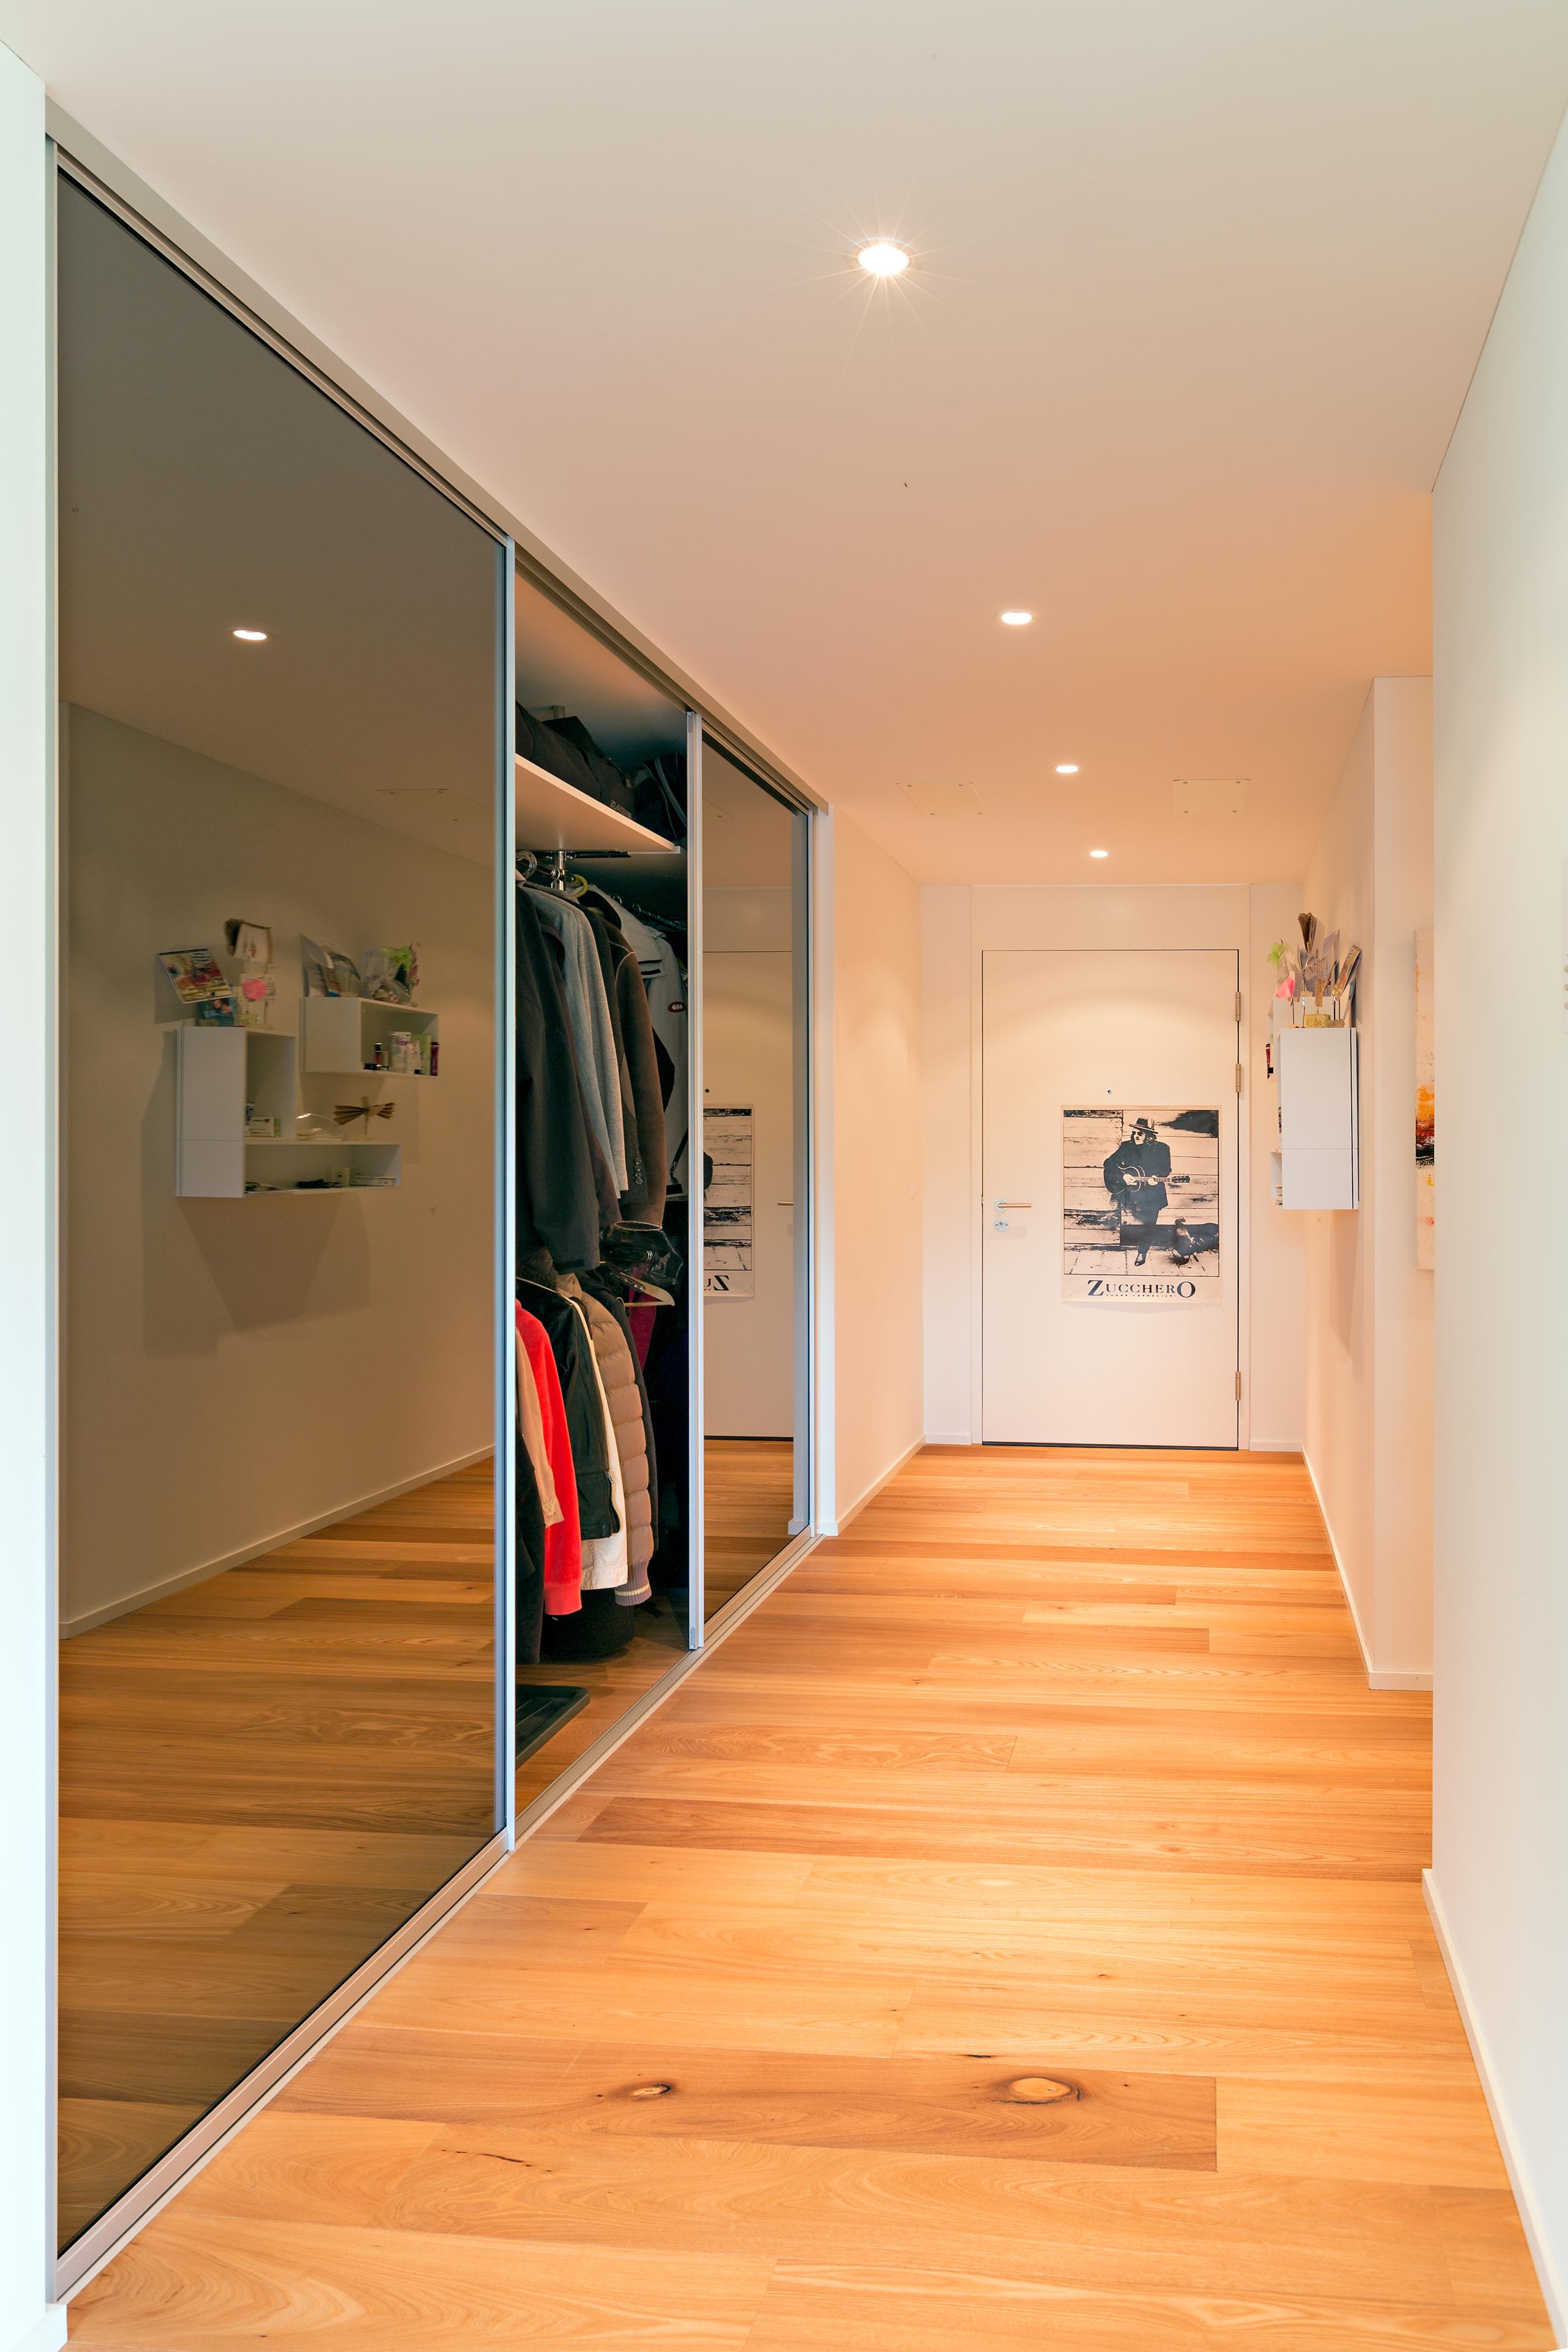 Garderobenschrank Mit Schiebetüren trennwand im eingang für garderobenschrank und treppenaufgang auf zu